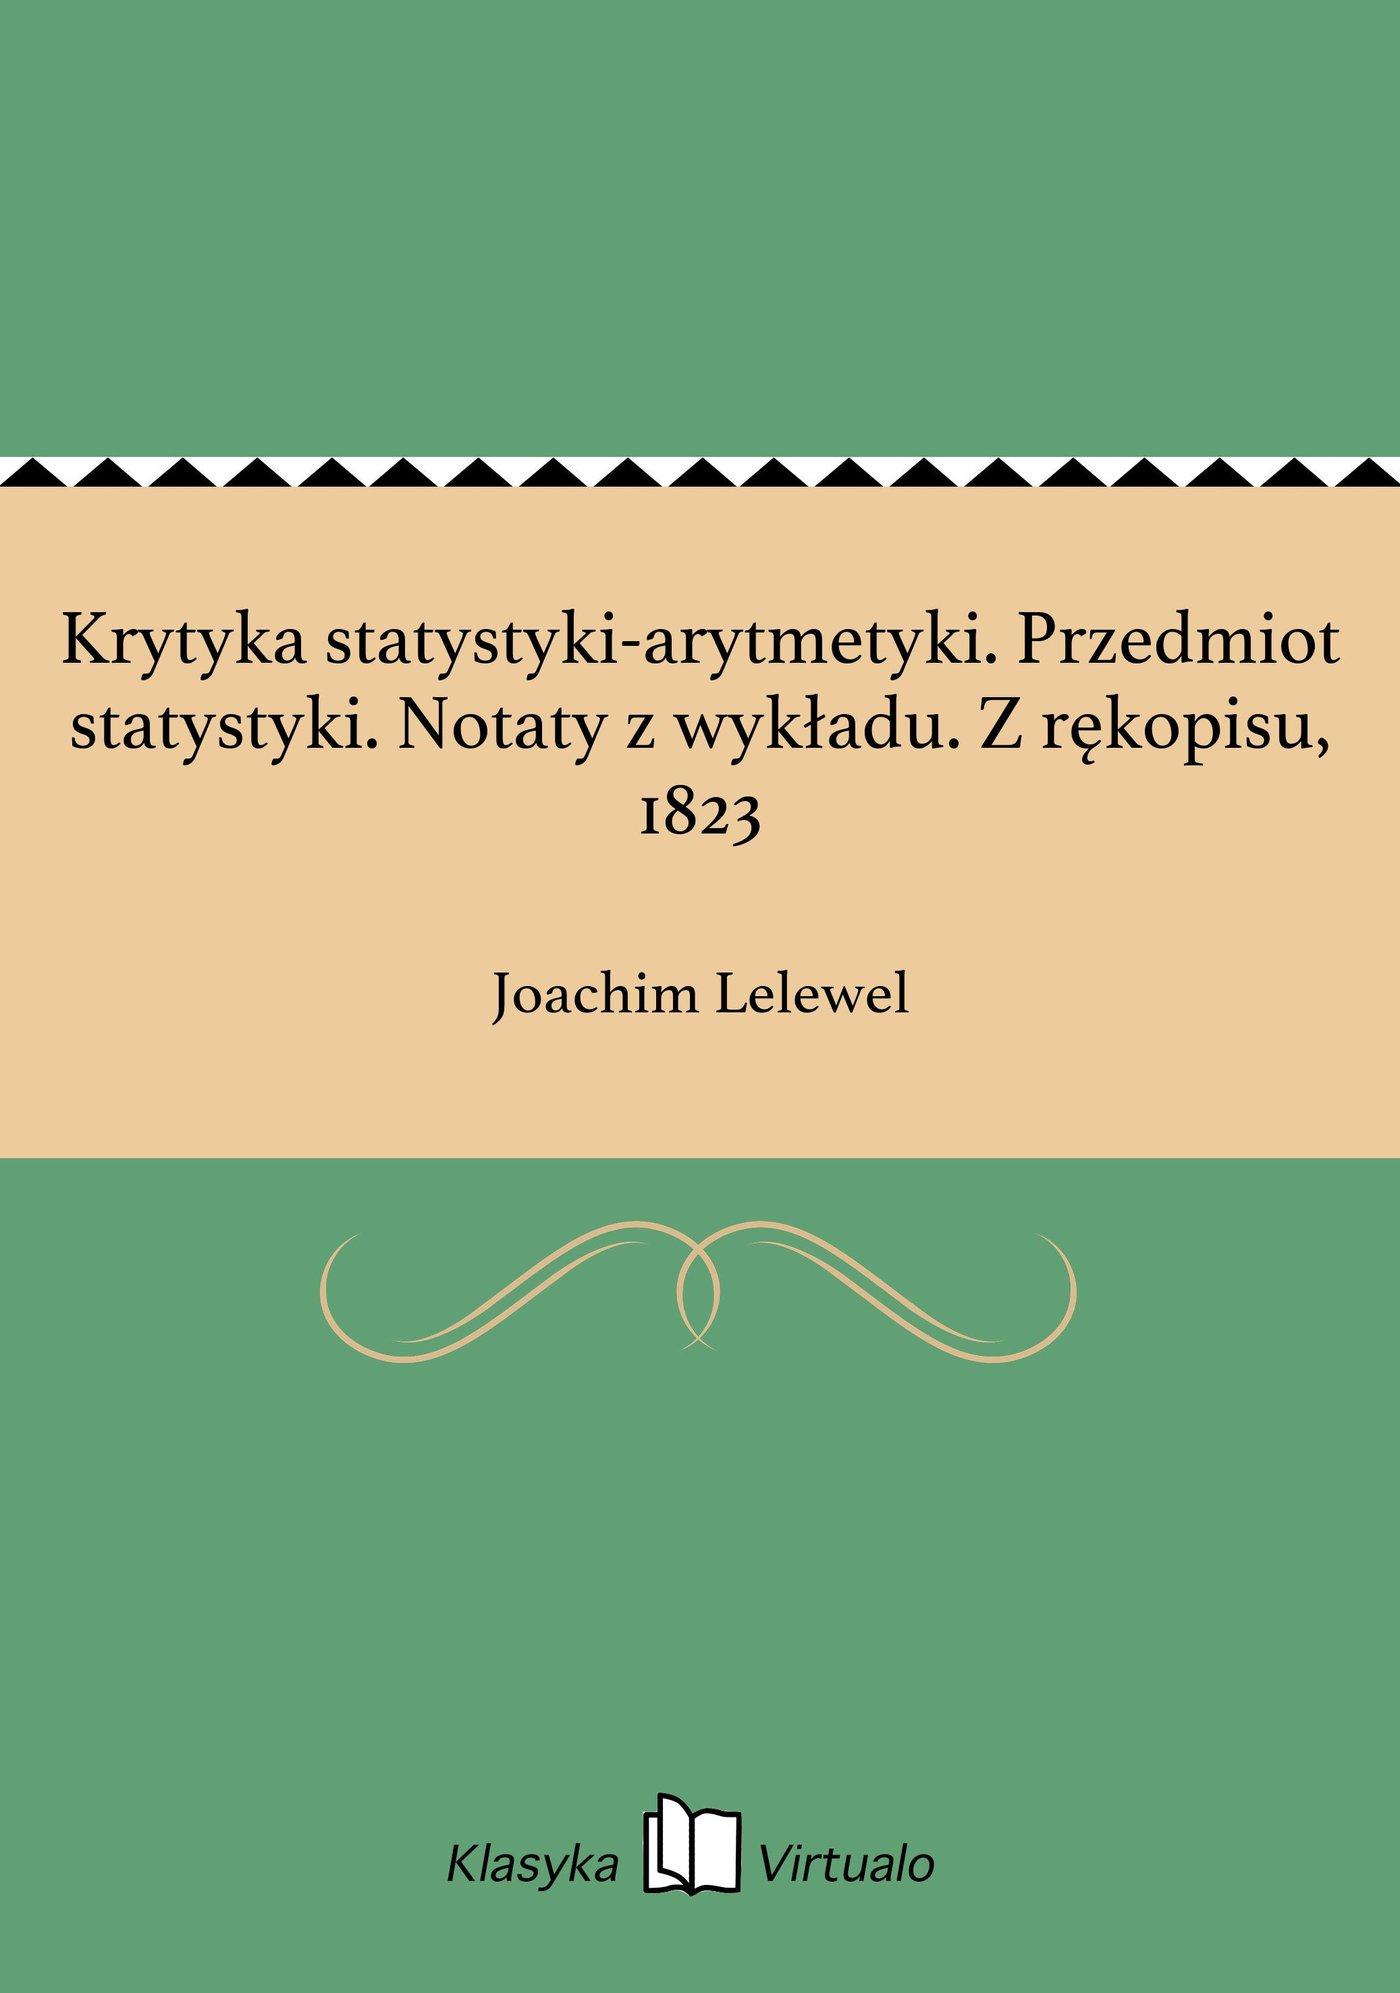 Krytyka statystyki-arytmetyki. Przedmiot statystyki. Notaty z wykładu. Z rękopisu, 1823 - Ebook (Książka na Kindle) do pobrania w formacie MOBI